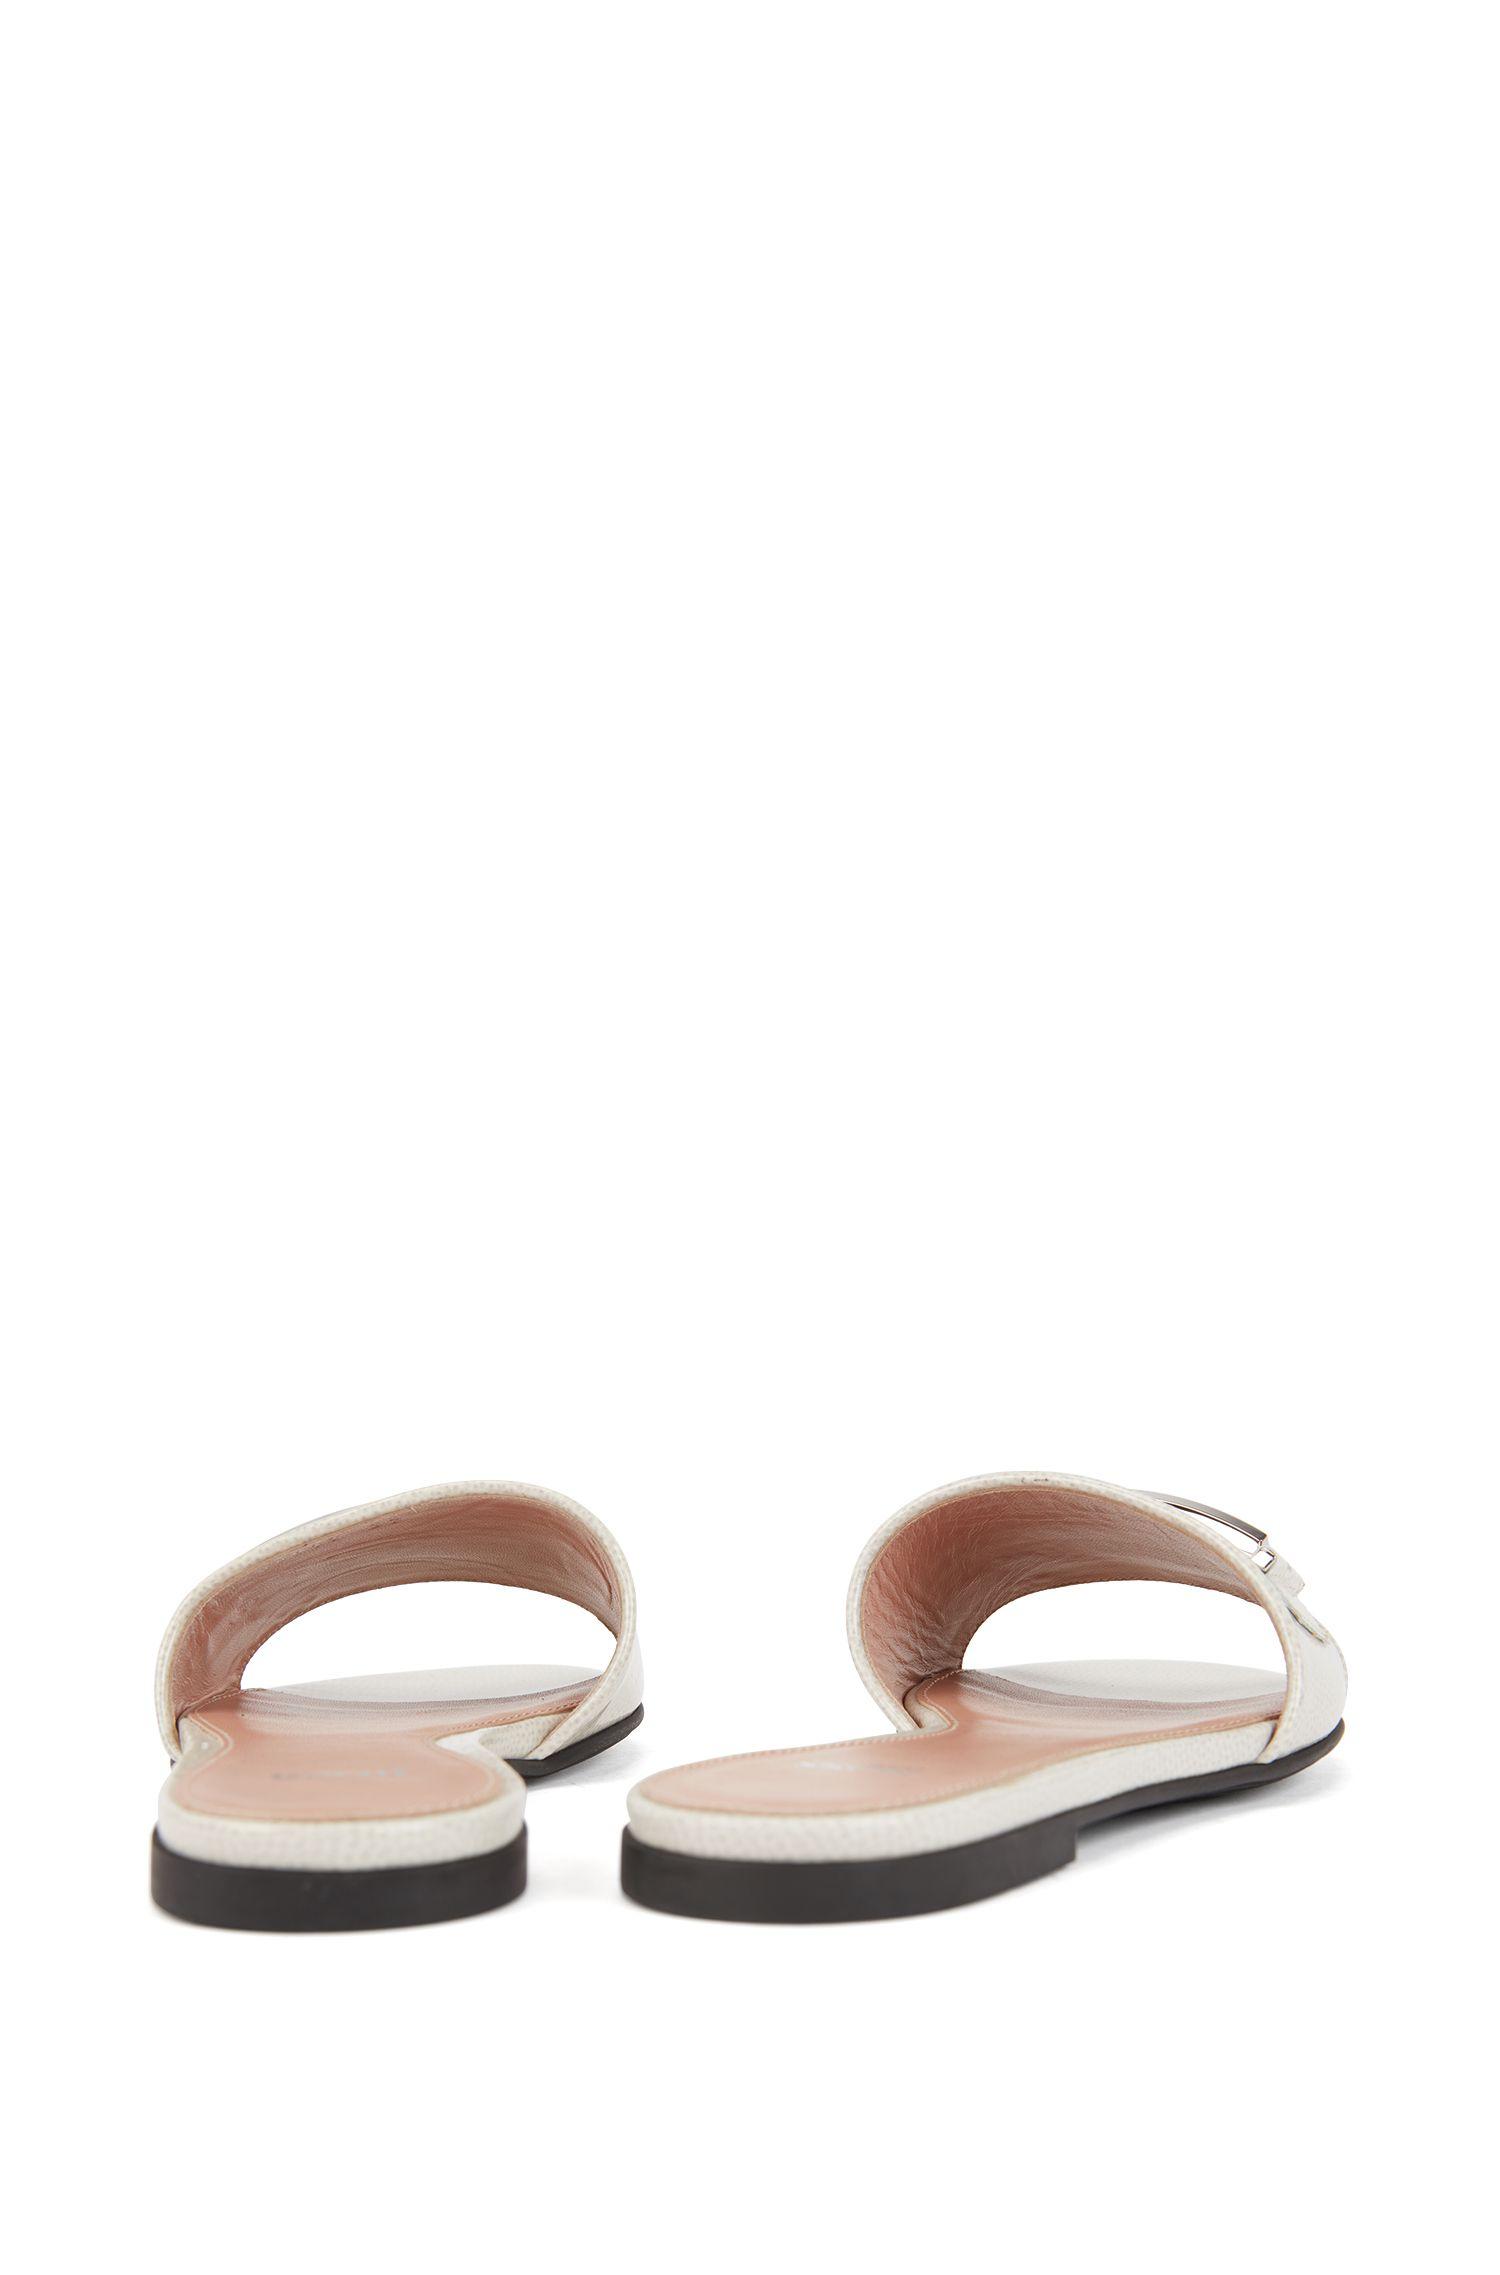 Slides aus italienischem Leder mit Saffiano-Prägung und charakteristischem Metall-Detail, Hellgrau